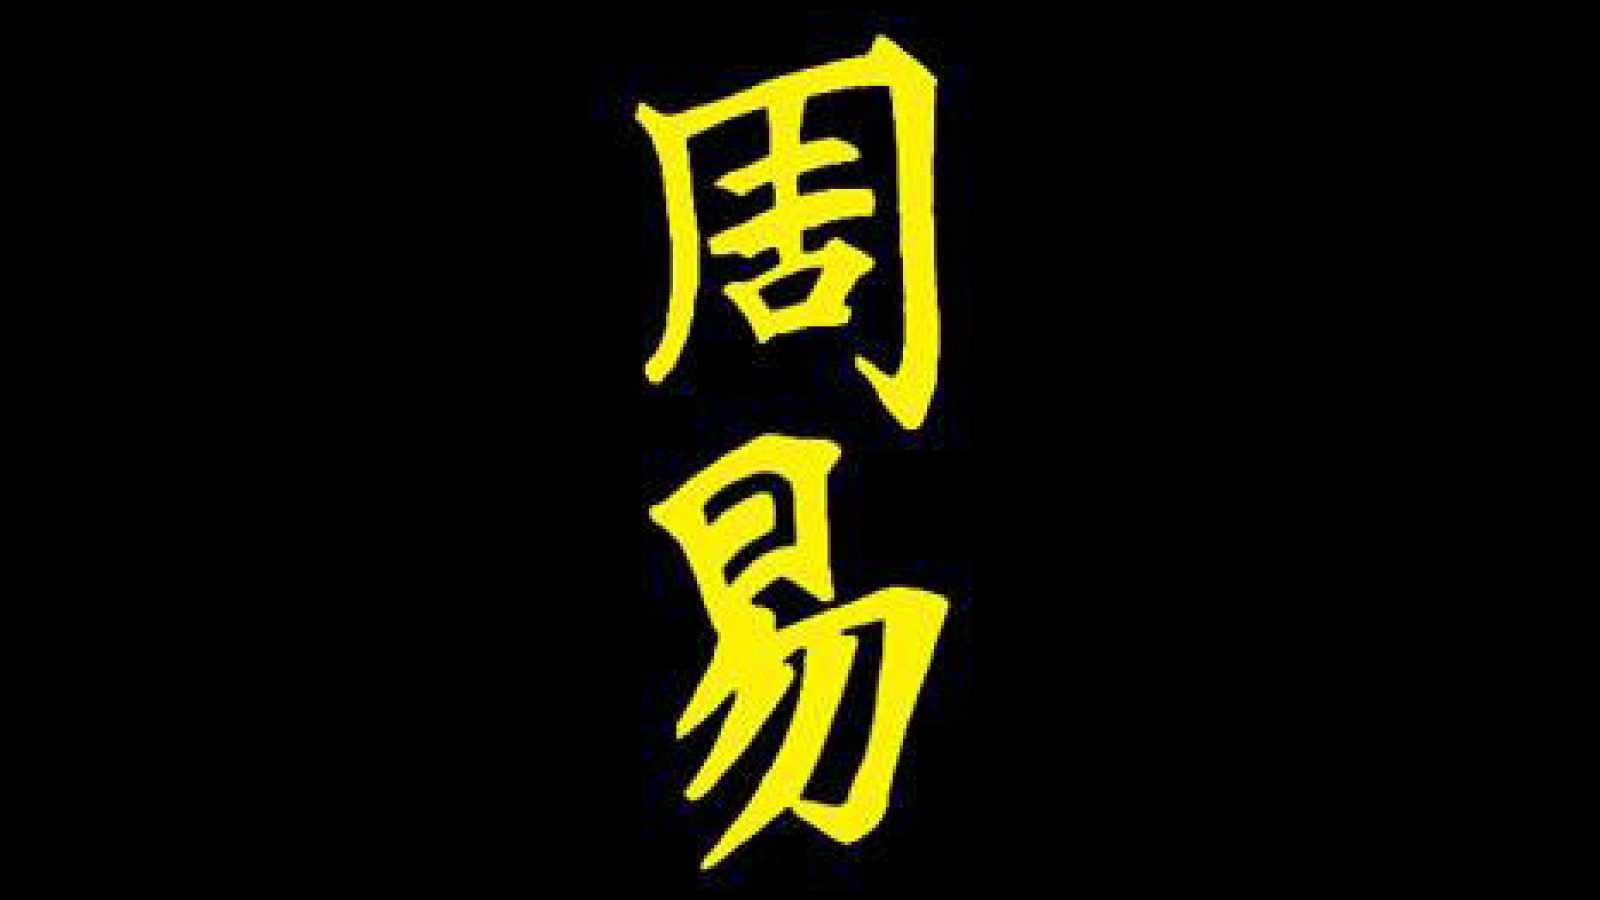 Asia hoy - I Ching en nuestros días - 19/10/20 - escuchar ahora